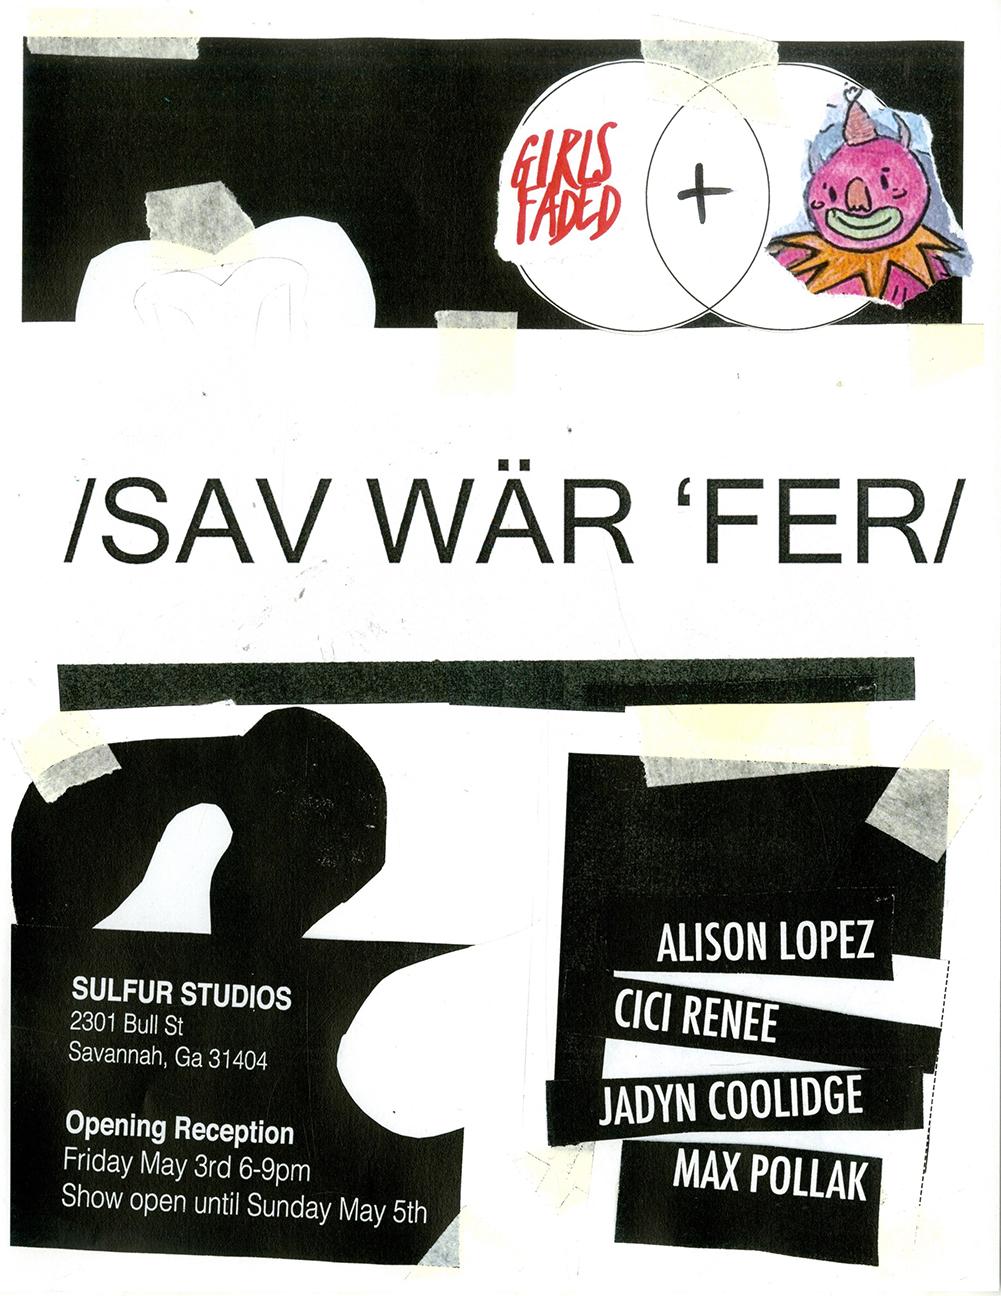 SAV WAR FER.jpg